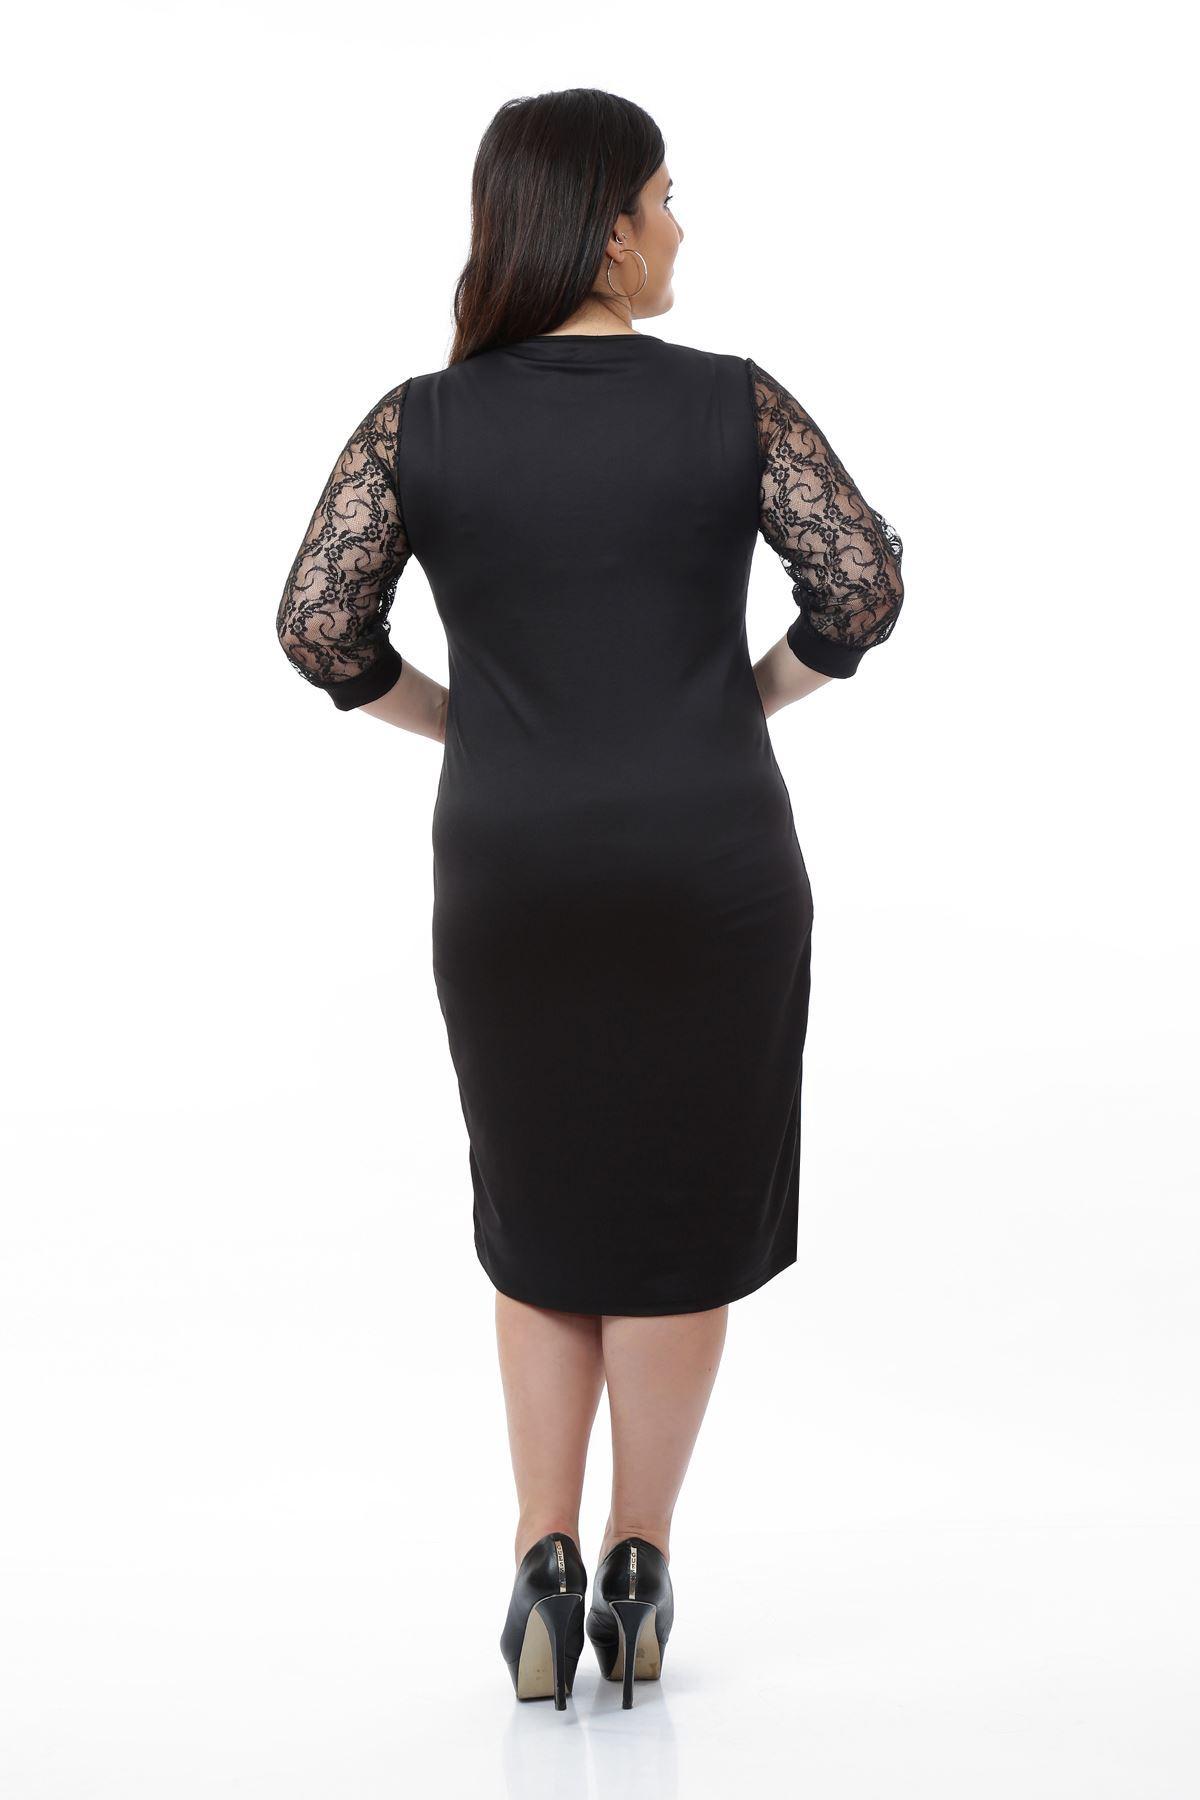 Siyah Dantelli Kol Büyük Beden Elbise 10B-0676